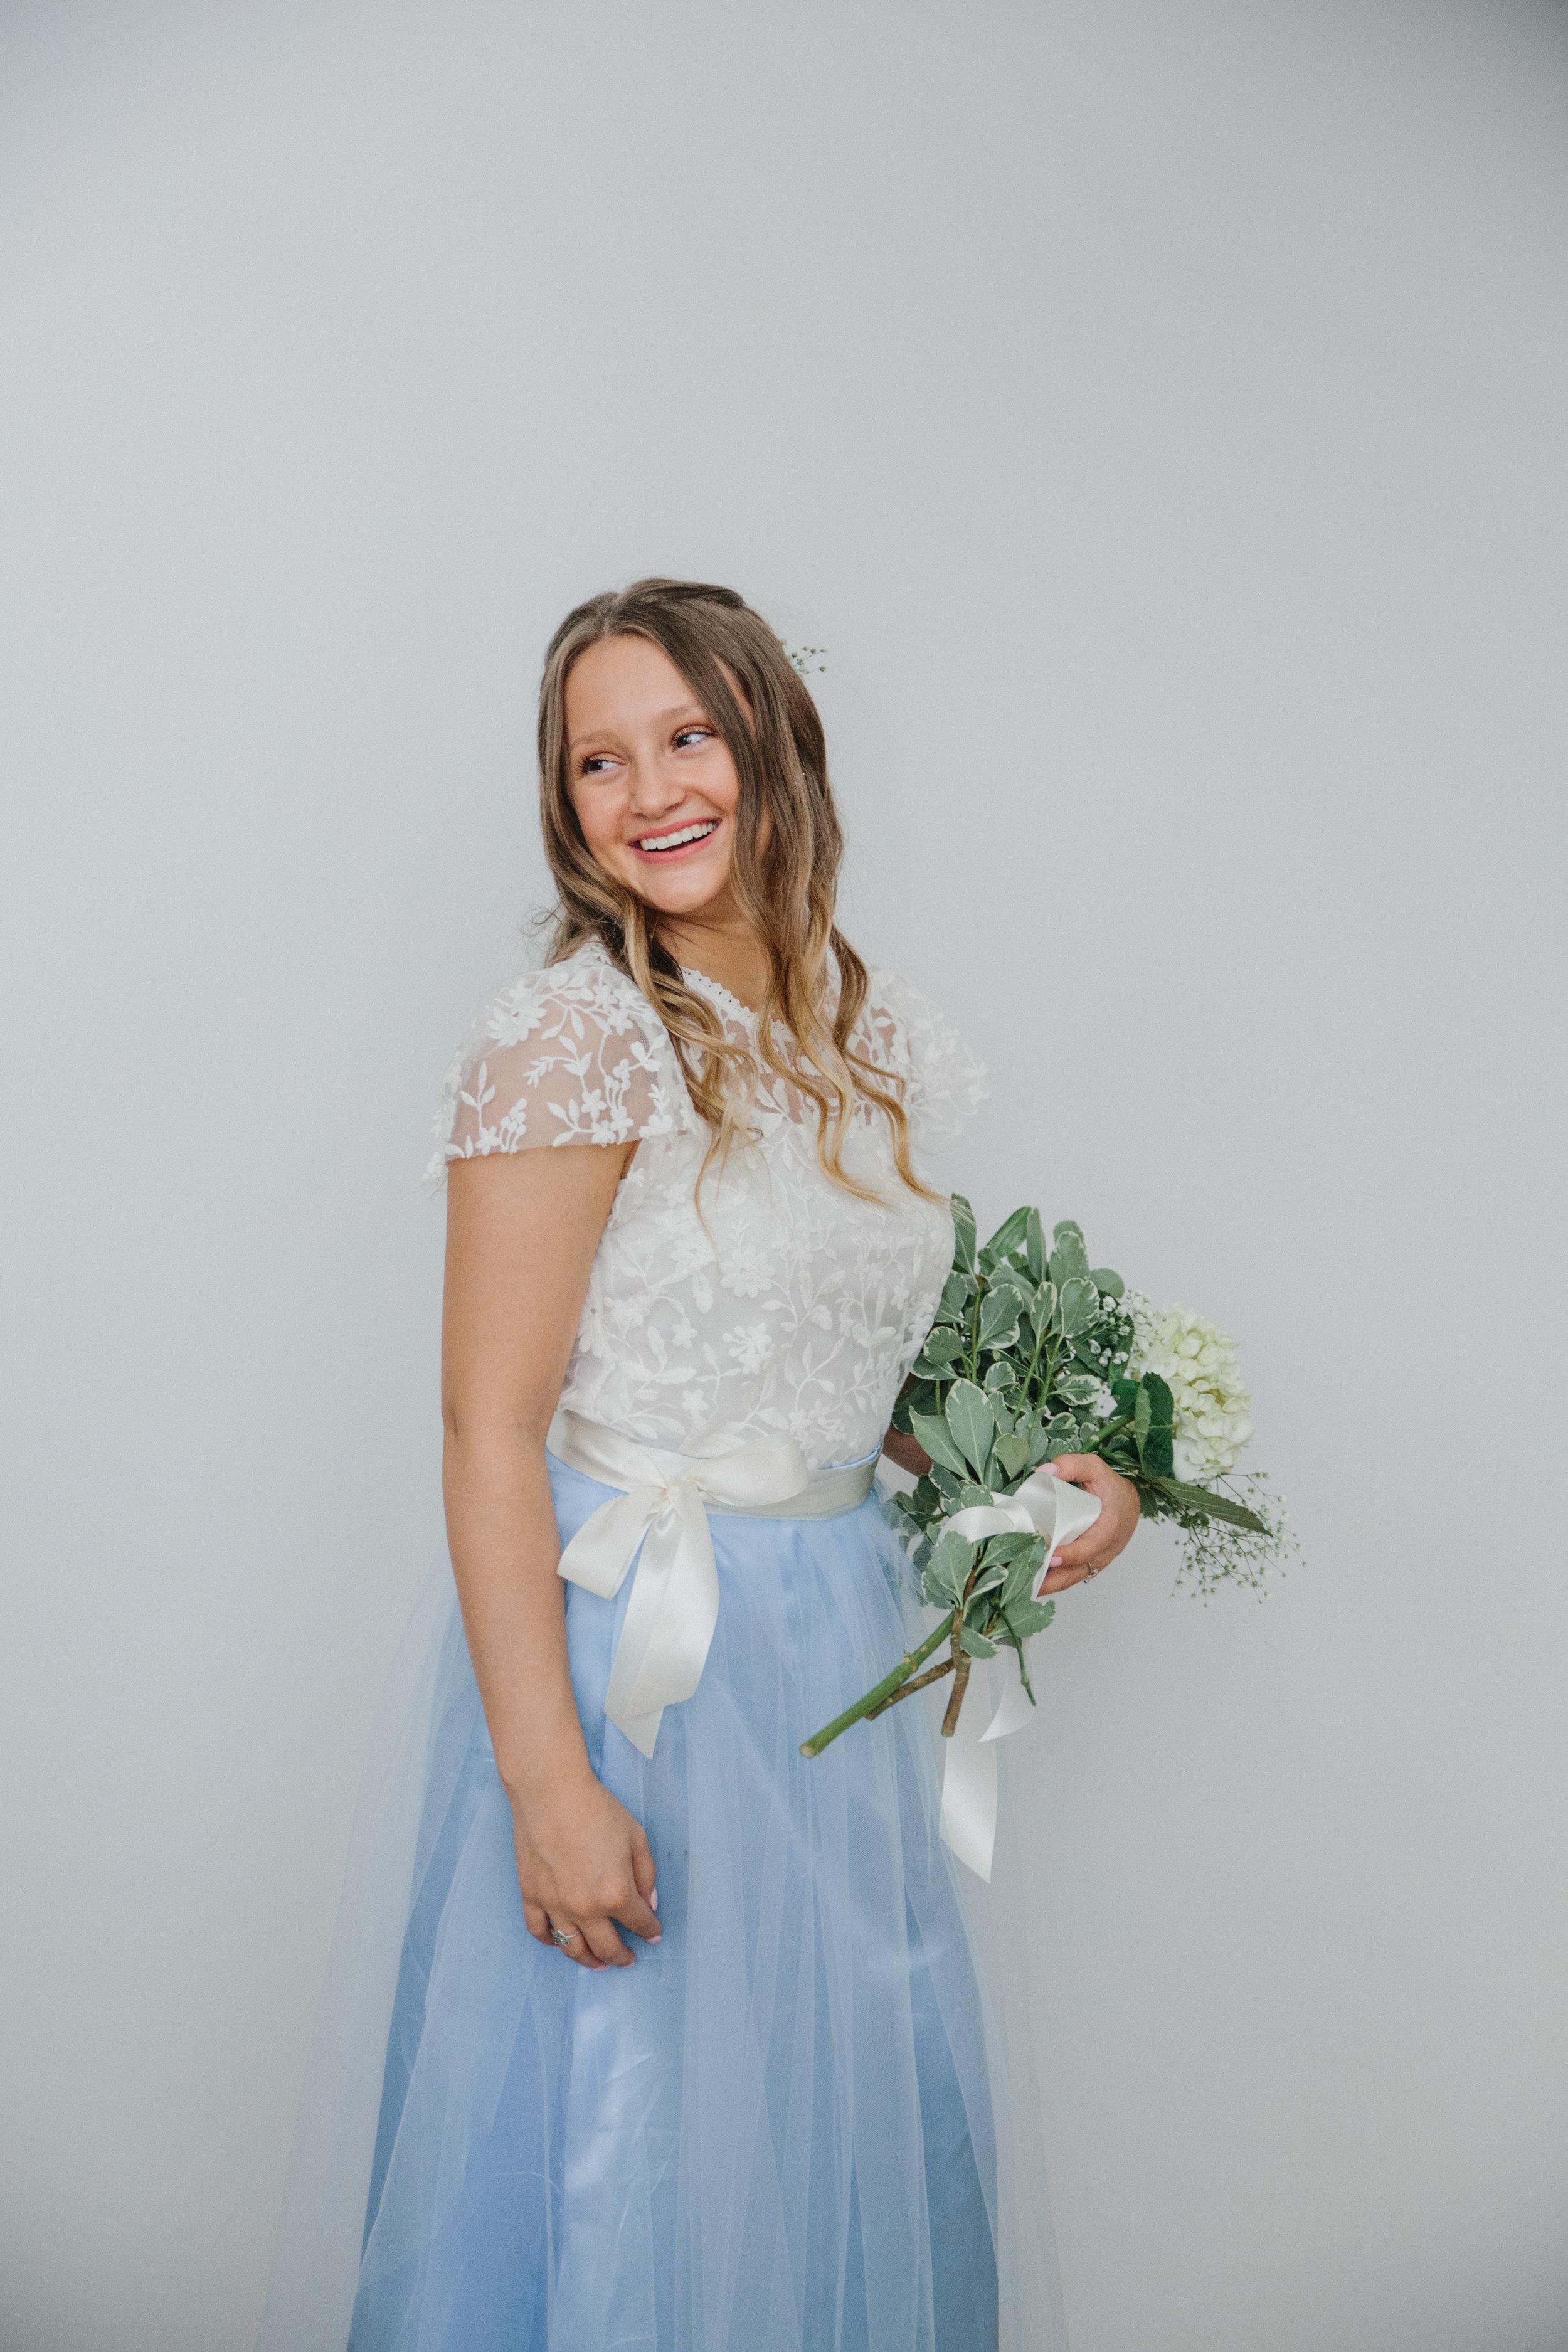 amelia renee photography senior portraits